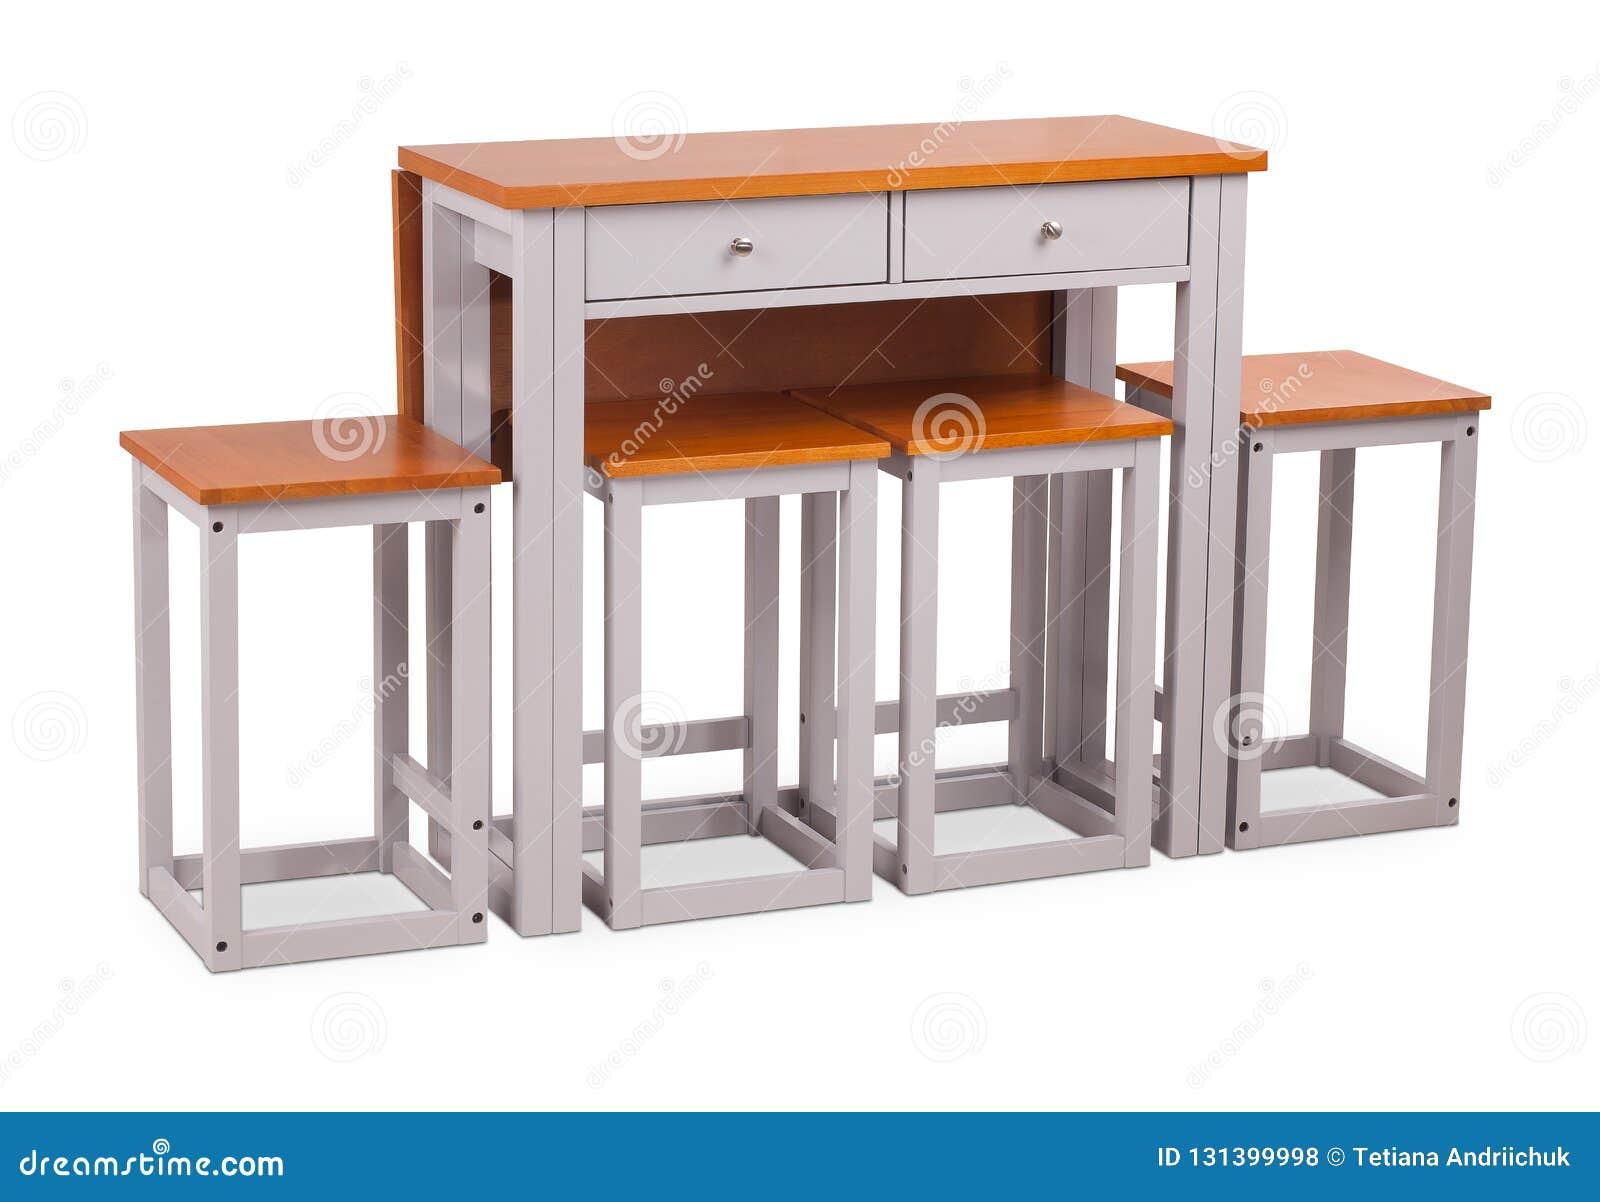 Witte Vierkante Eettafel.Bruine Houten Vierkante Eettafel Met Vier Stoelen Kruk